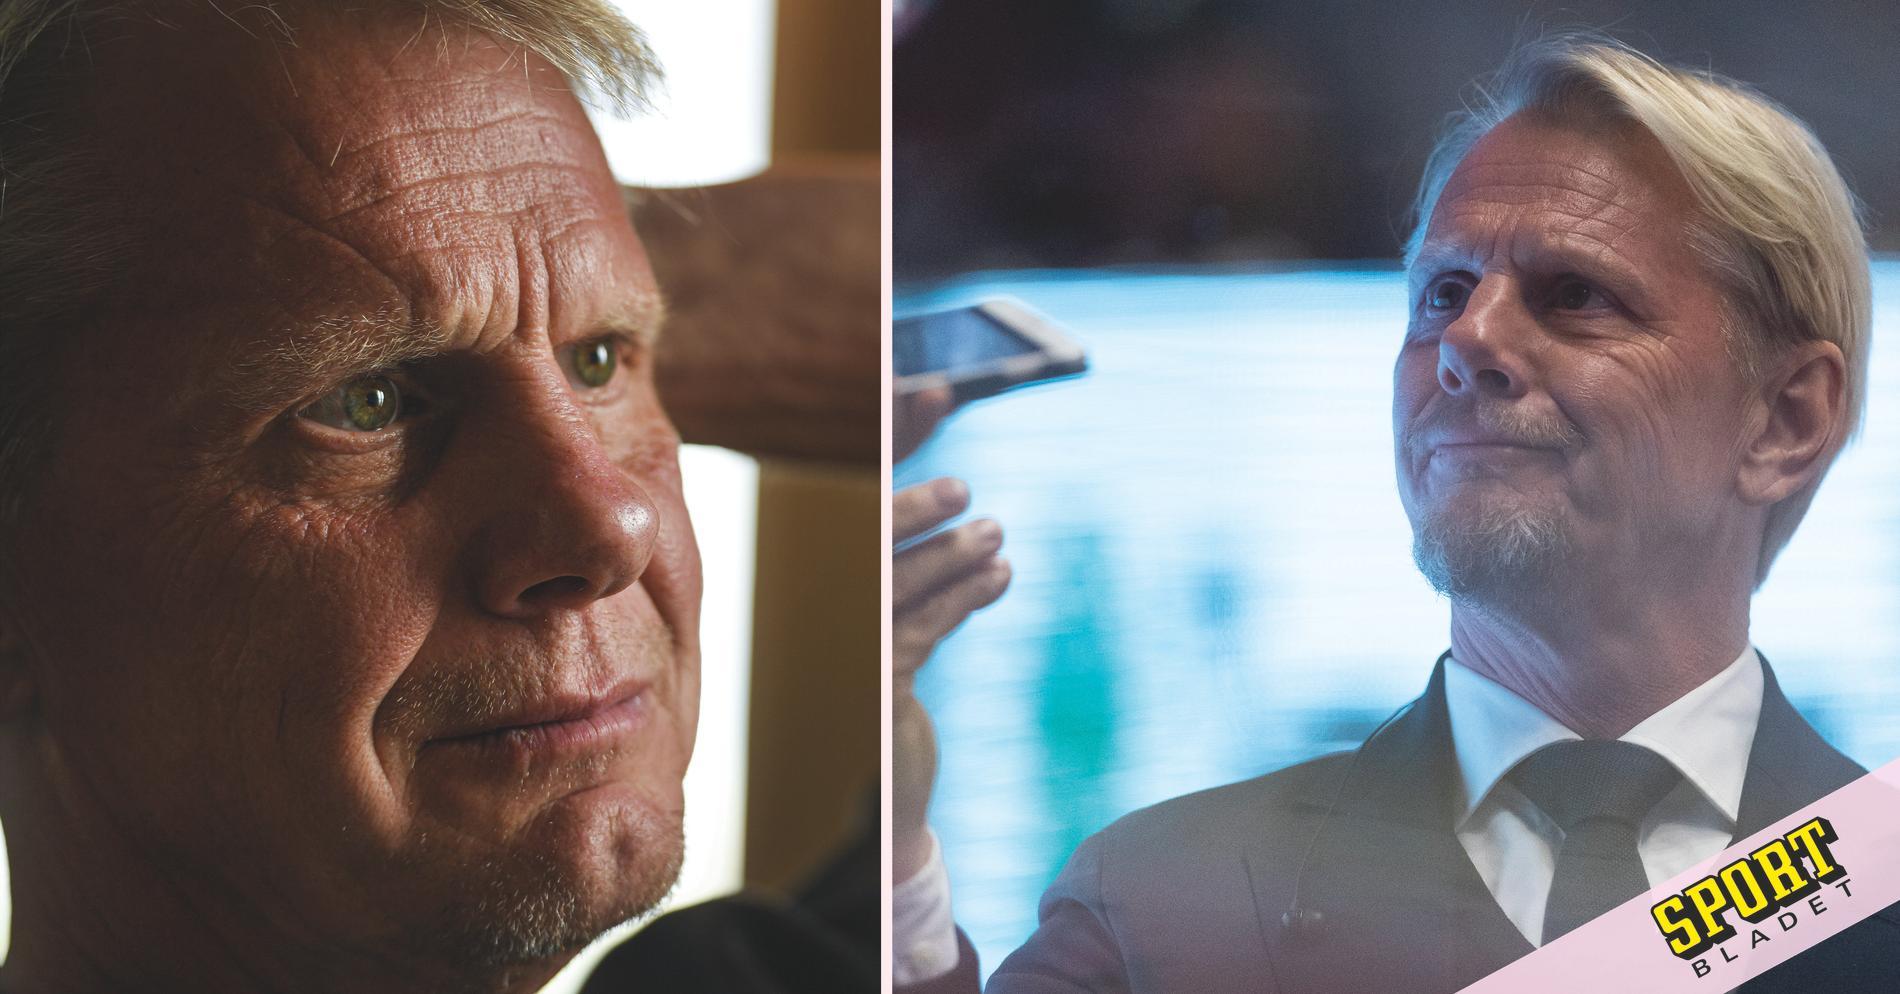 Niklas Wikegård hyllar sin döda pappa med nya skägget